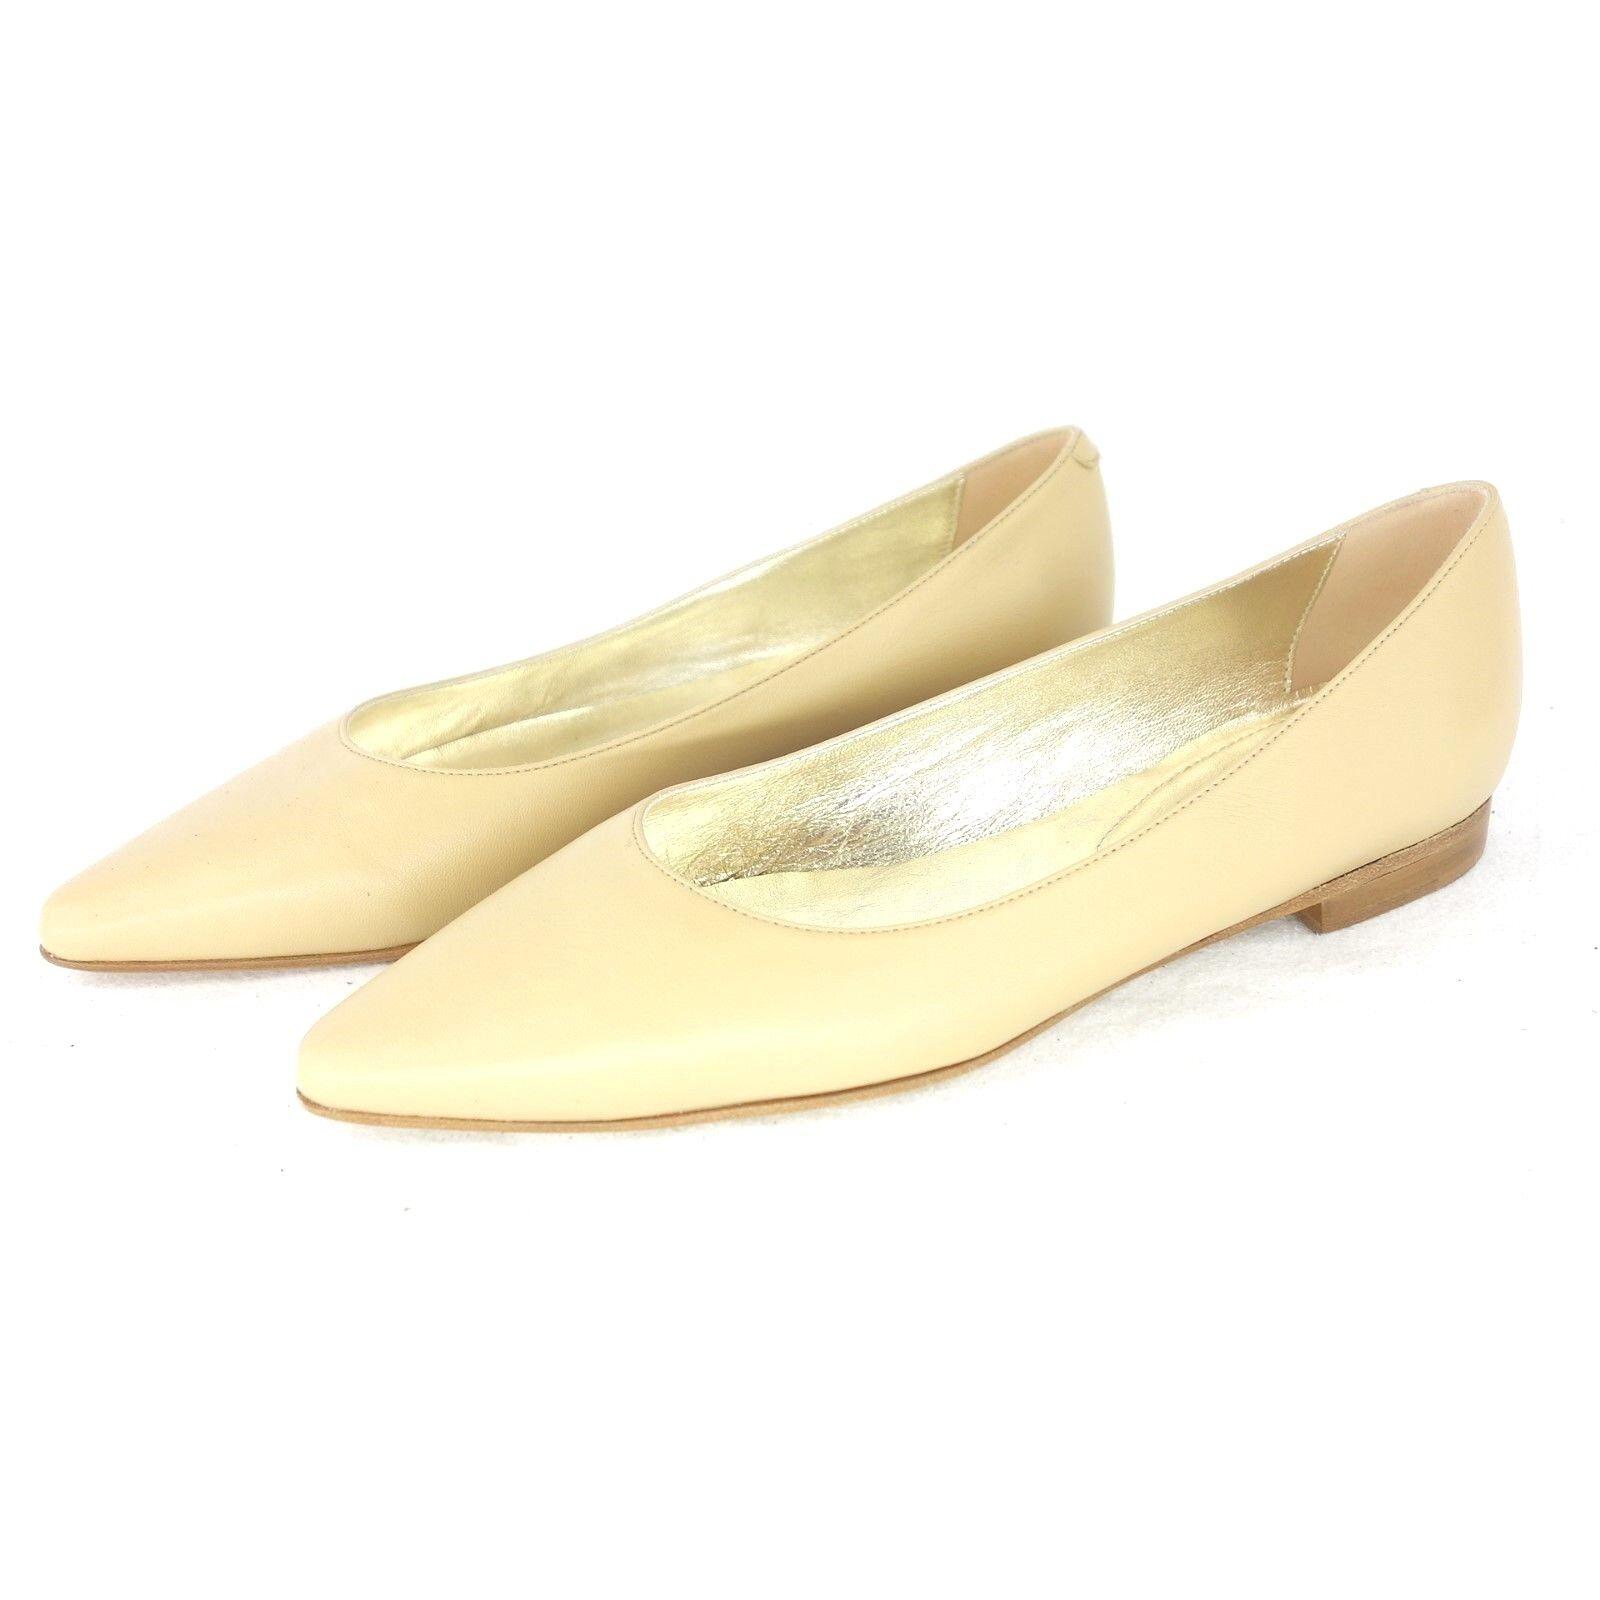 Caiman Ballerines pour Femmes Escarpins Chaussures Plates 37 38 41 Cuir Beige Np